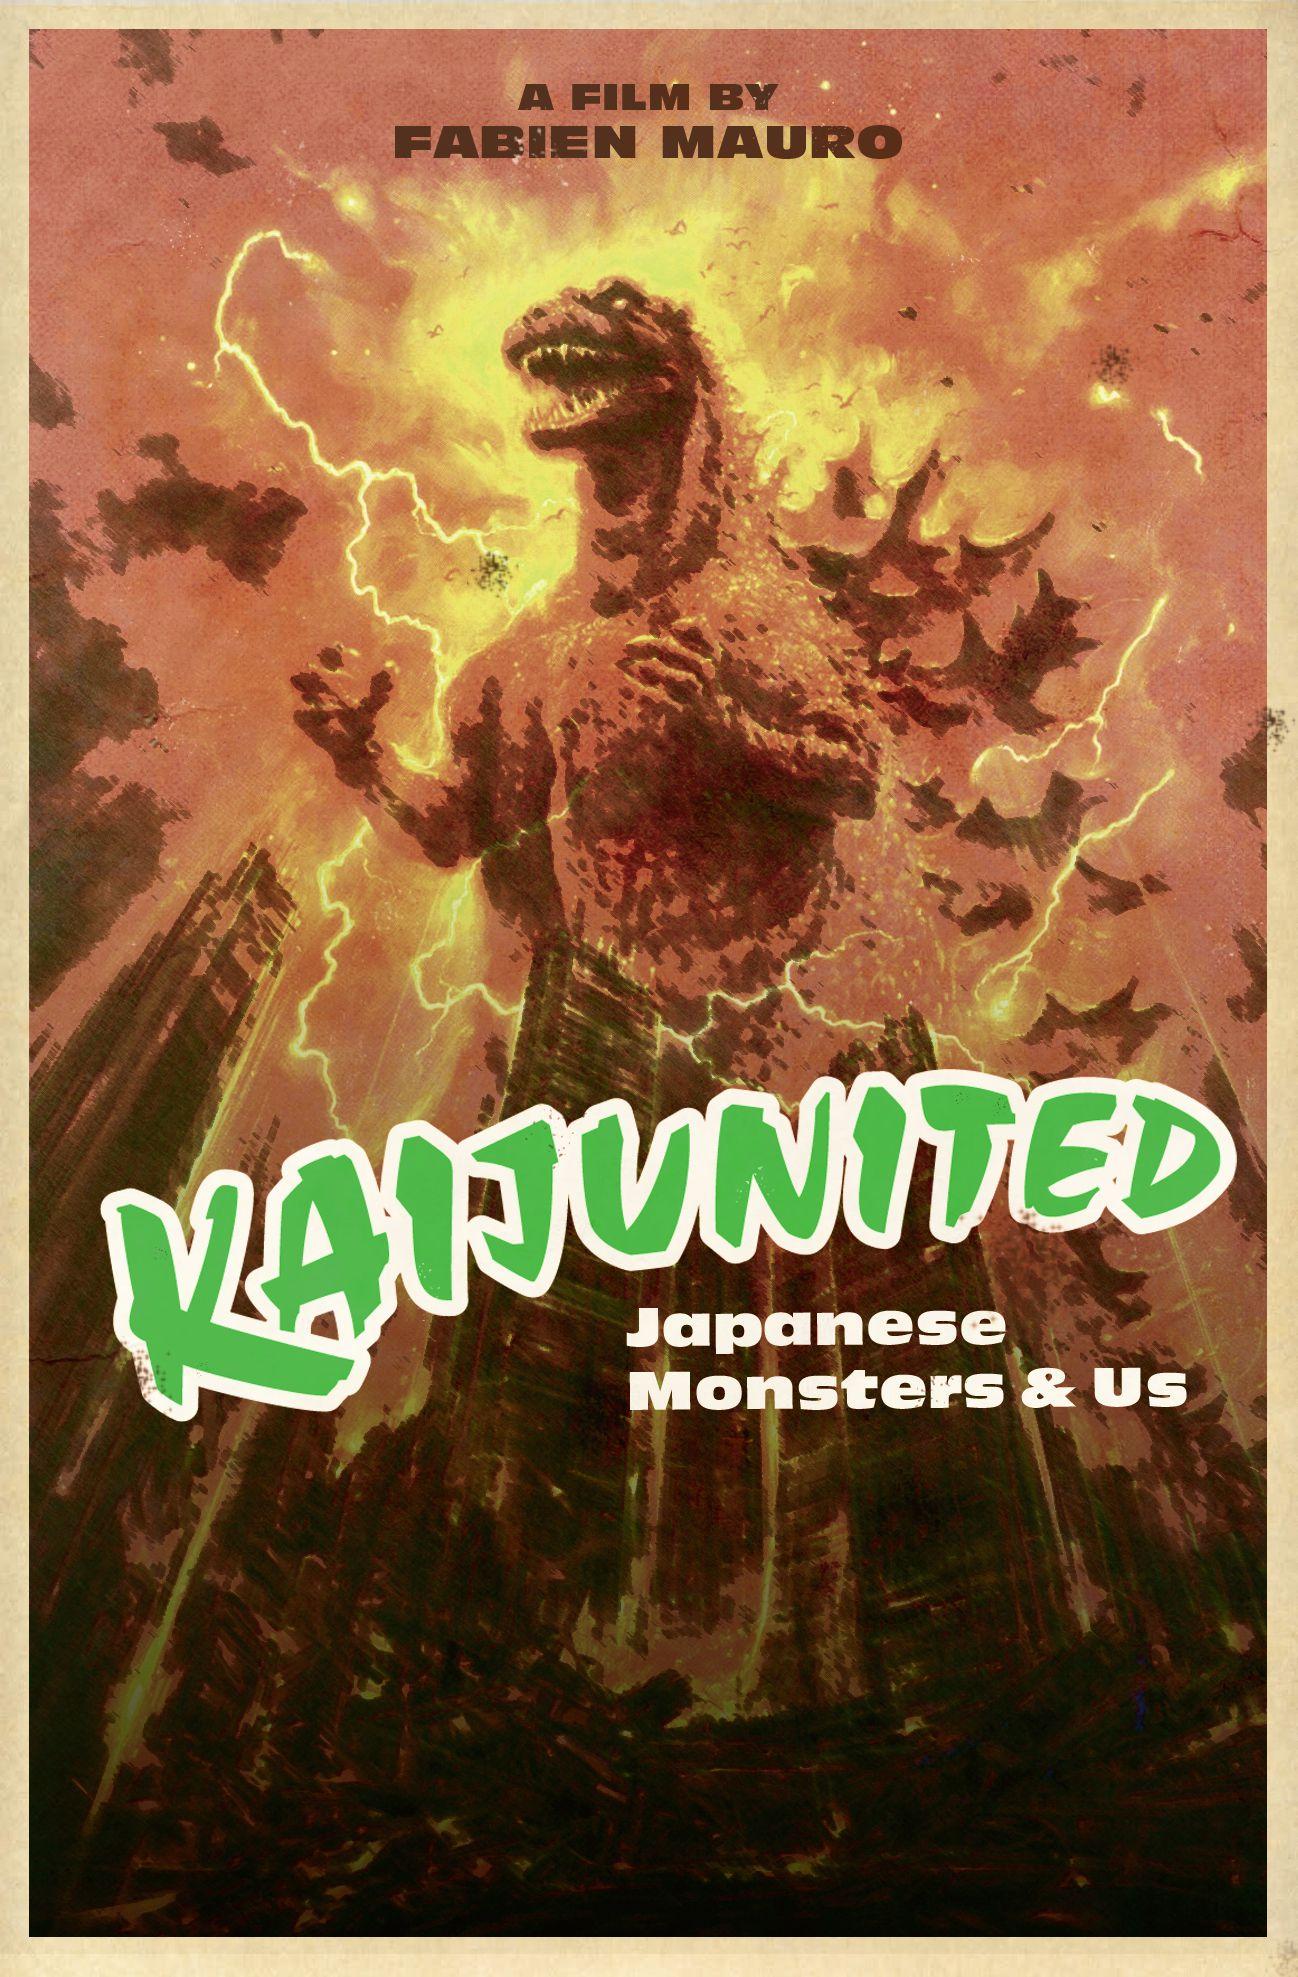 Kaijunited : le Japon, les Monstres et Nous - Documentaire (2013)